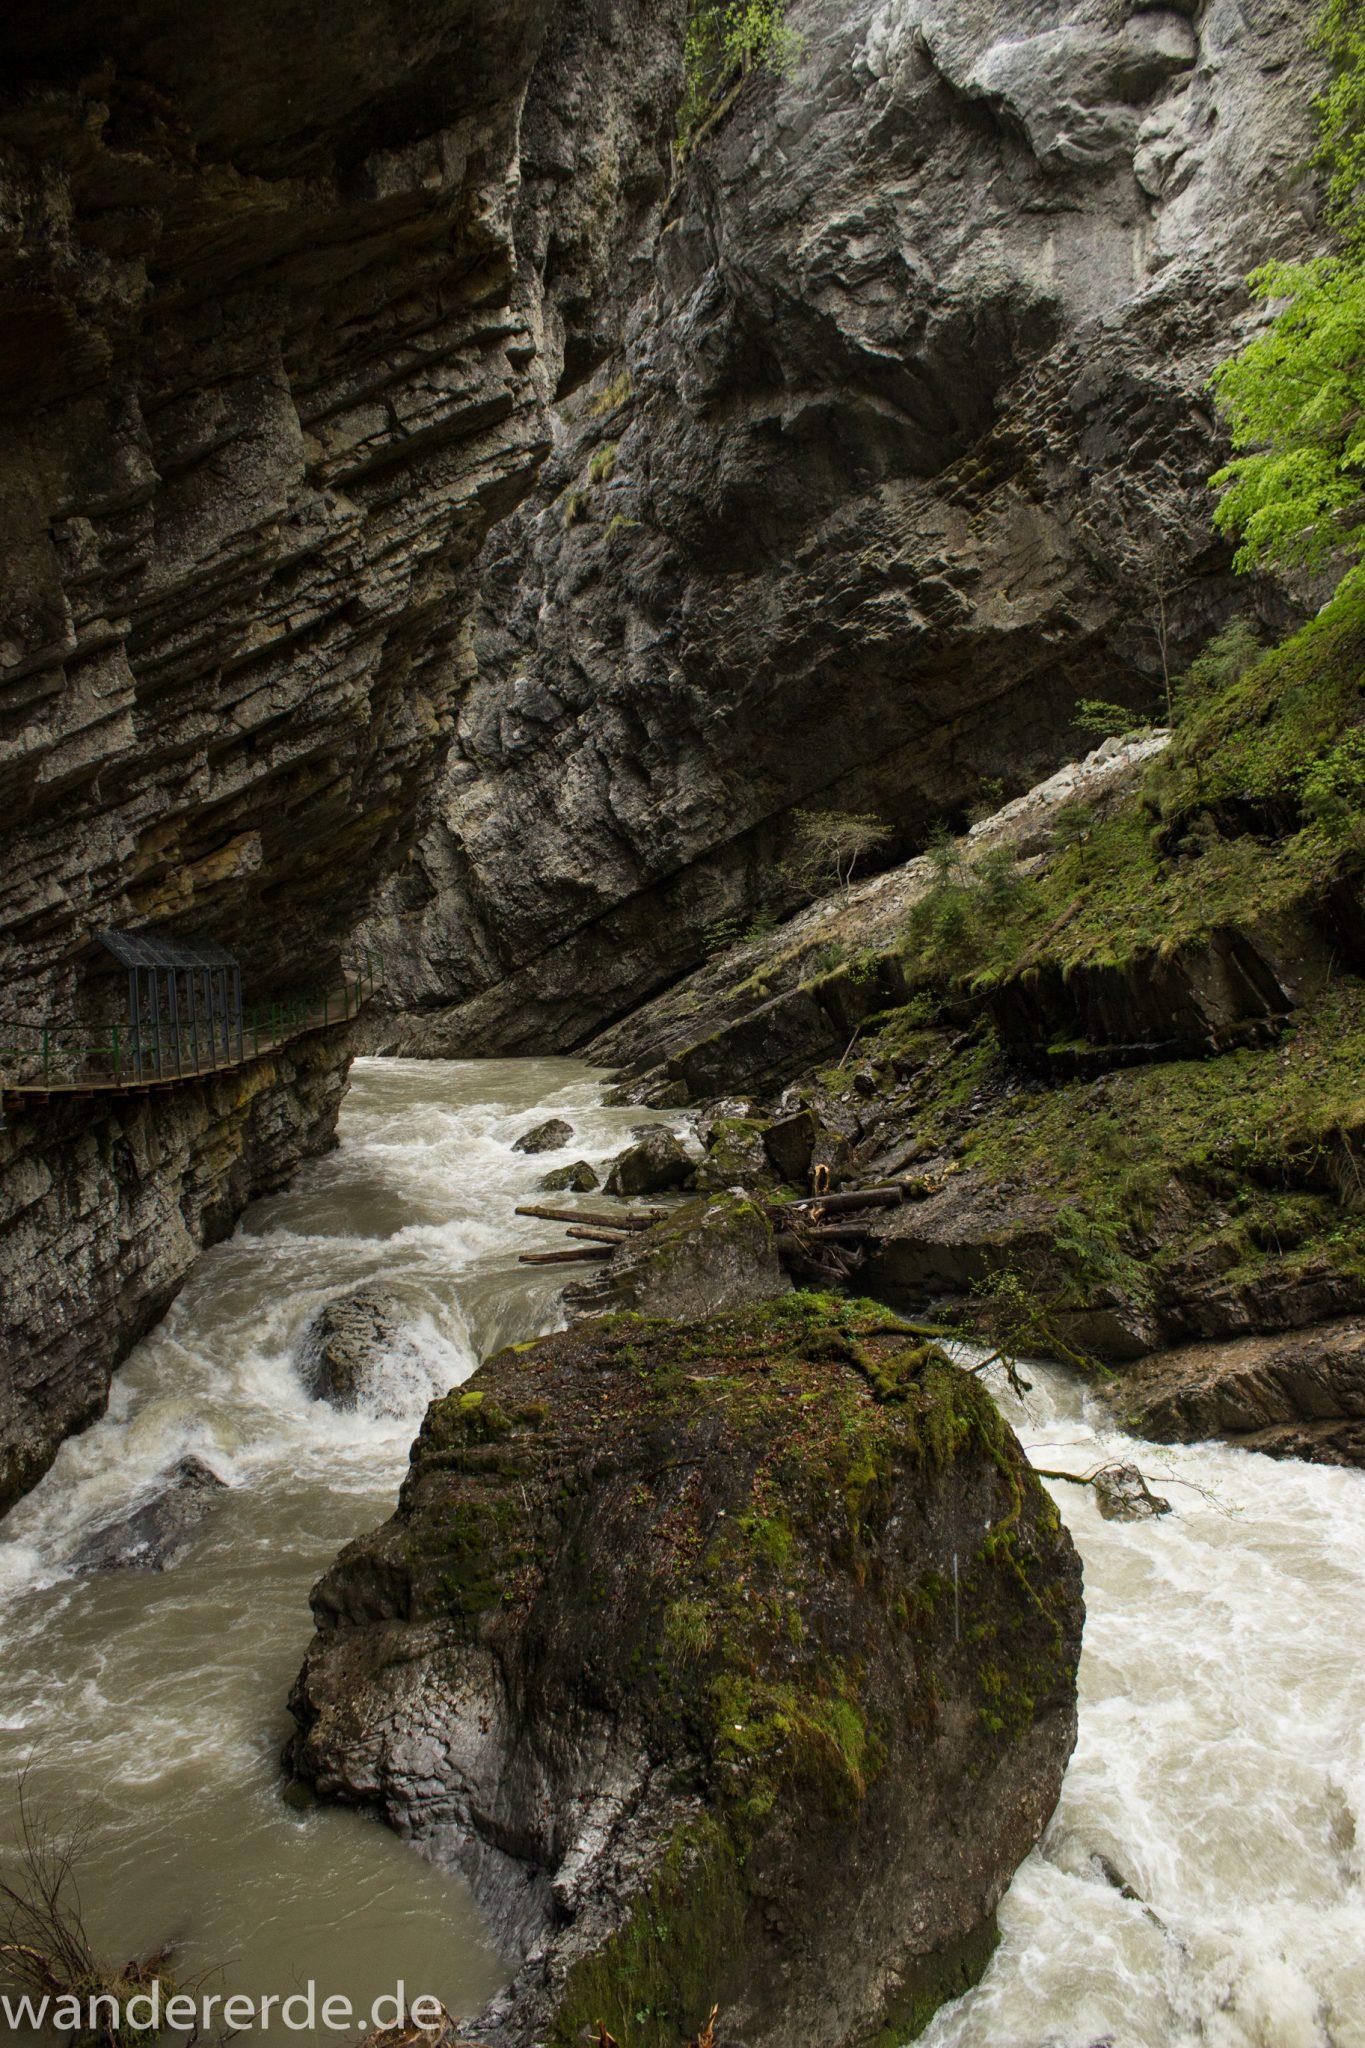 Wanderung durch die schmale und enge Breitachklamm im Allgäu, sehr hohe Felswände, tosende Breitach nach starkem Regen, Klamm umgeben von schönem Wald, Felsen im Fluss, Schneeschmelze im Allgäu, Wanderweg durch die Klamm